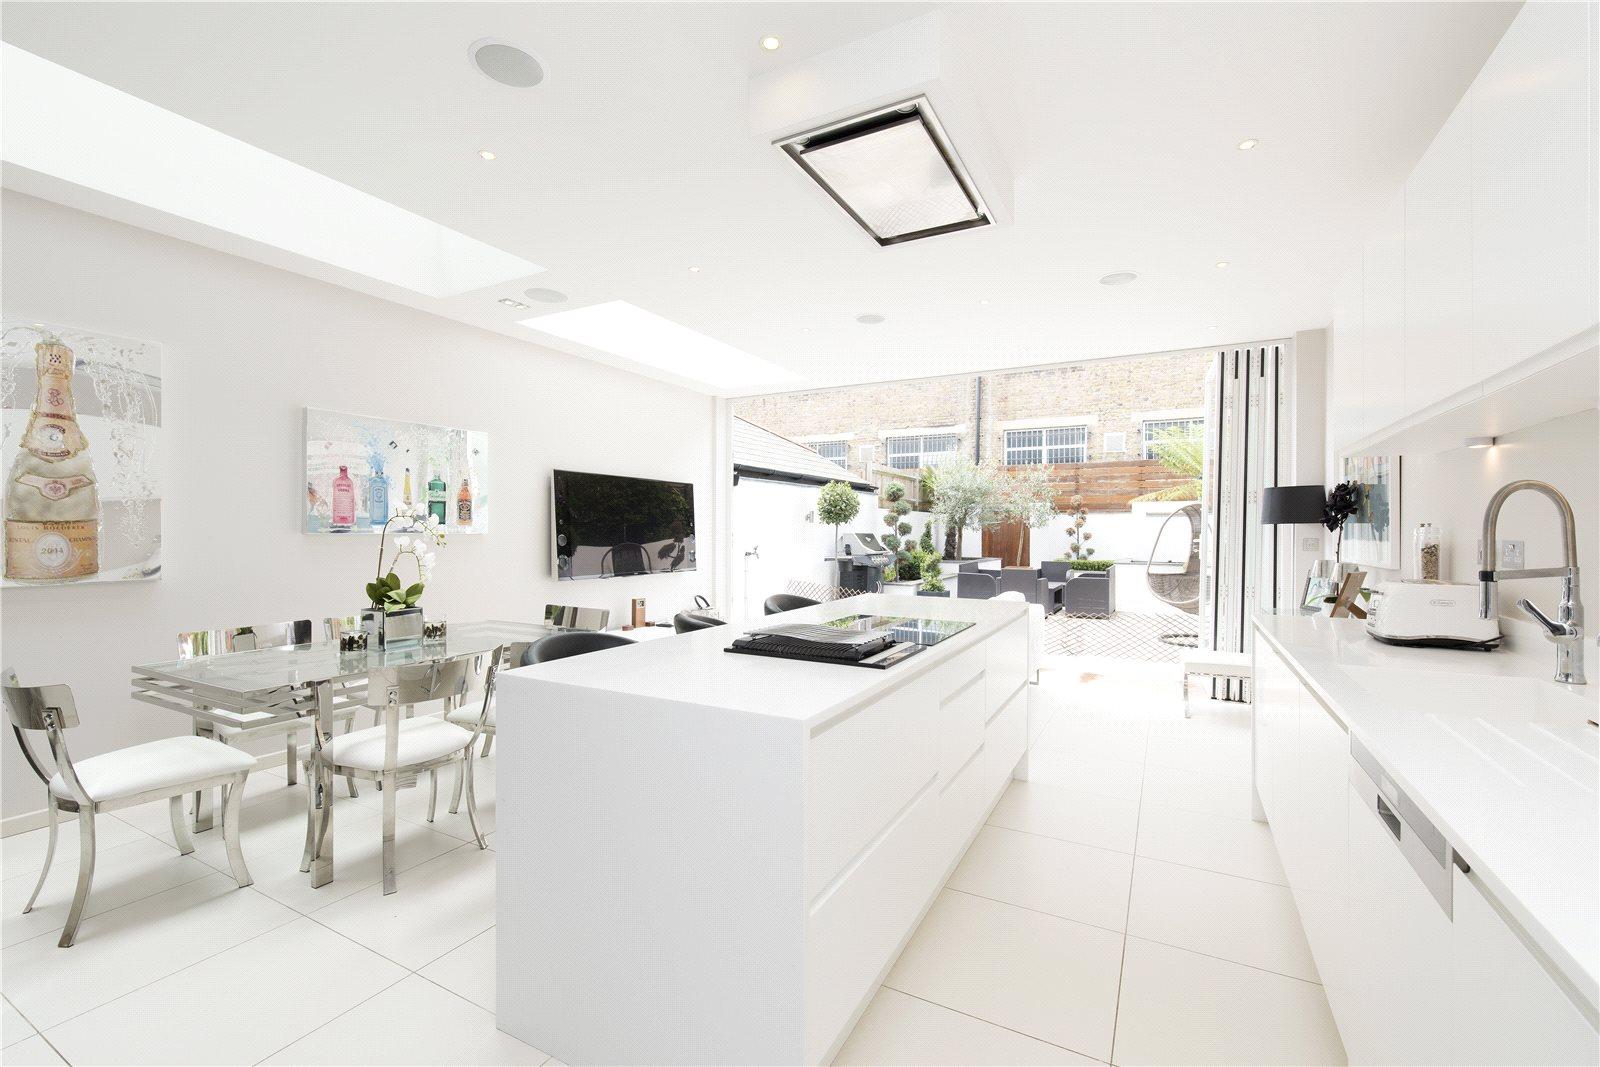 独户住宅 为 销售 在 Parsons Green Lane, Fulham, London, SW6 Fulham, London, 英格兰